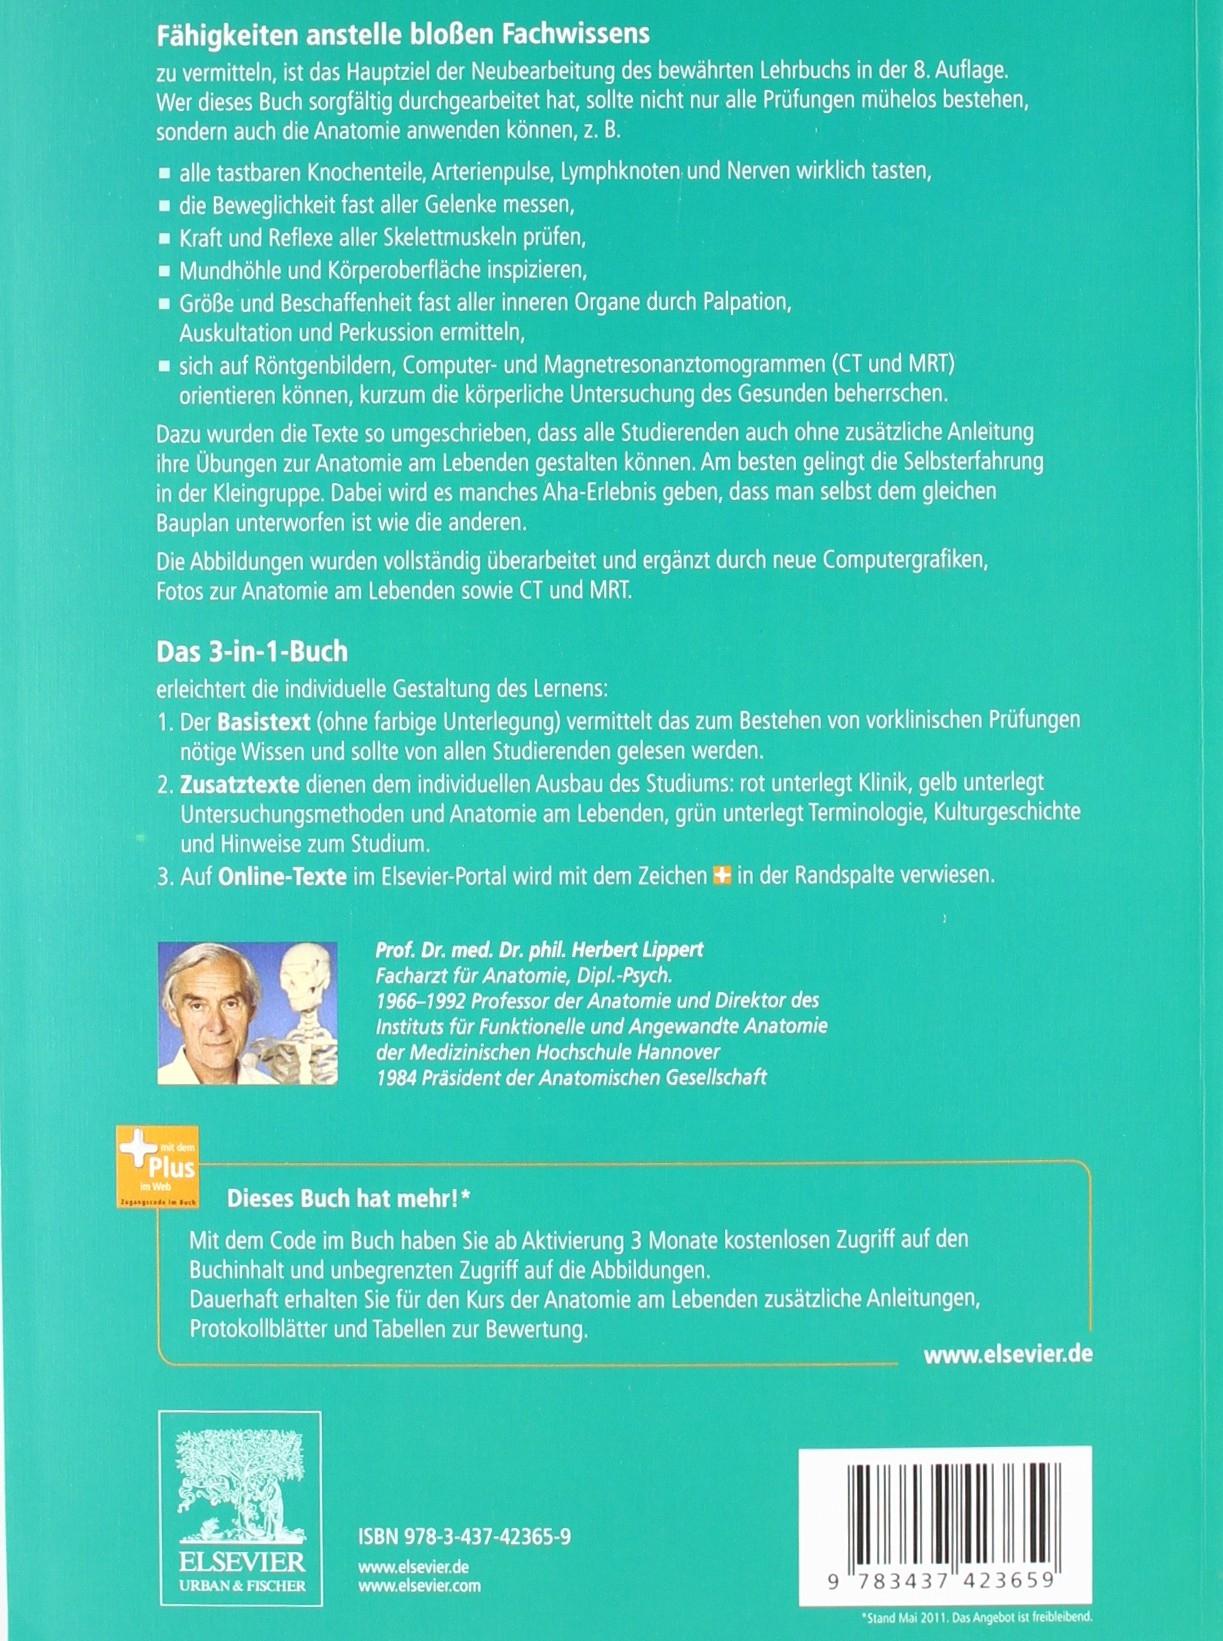 Lehrbuch Anatomie: mit Zugang zum Elsevier-Portal: Amazon.de ...